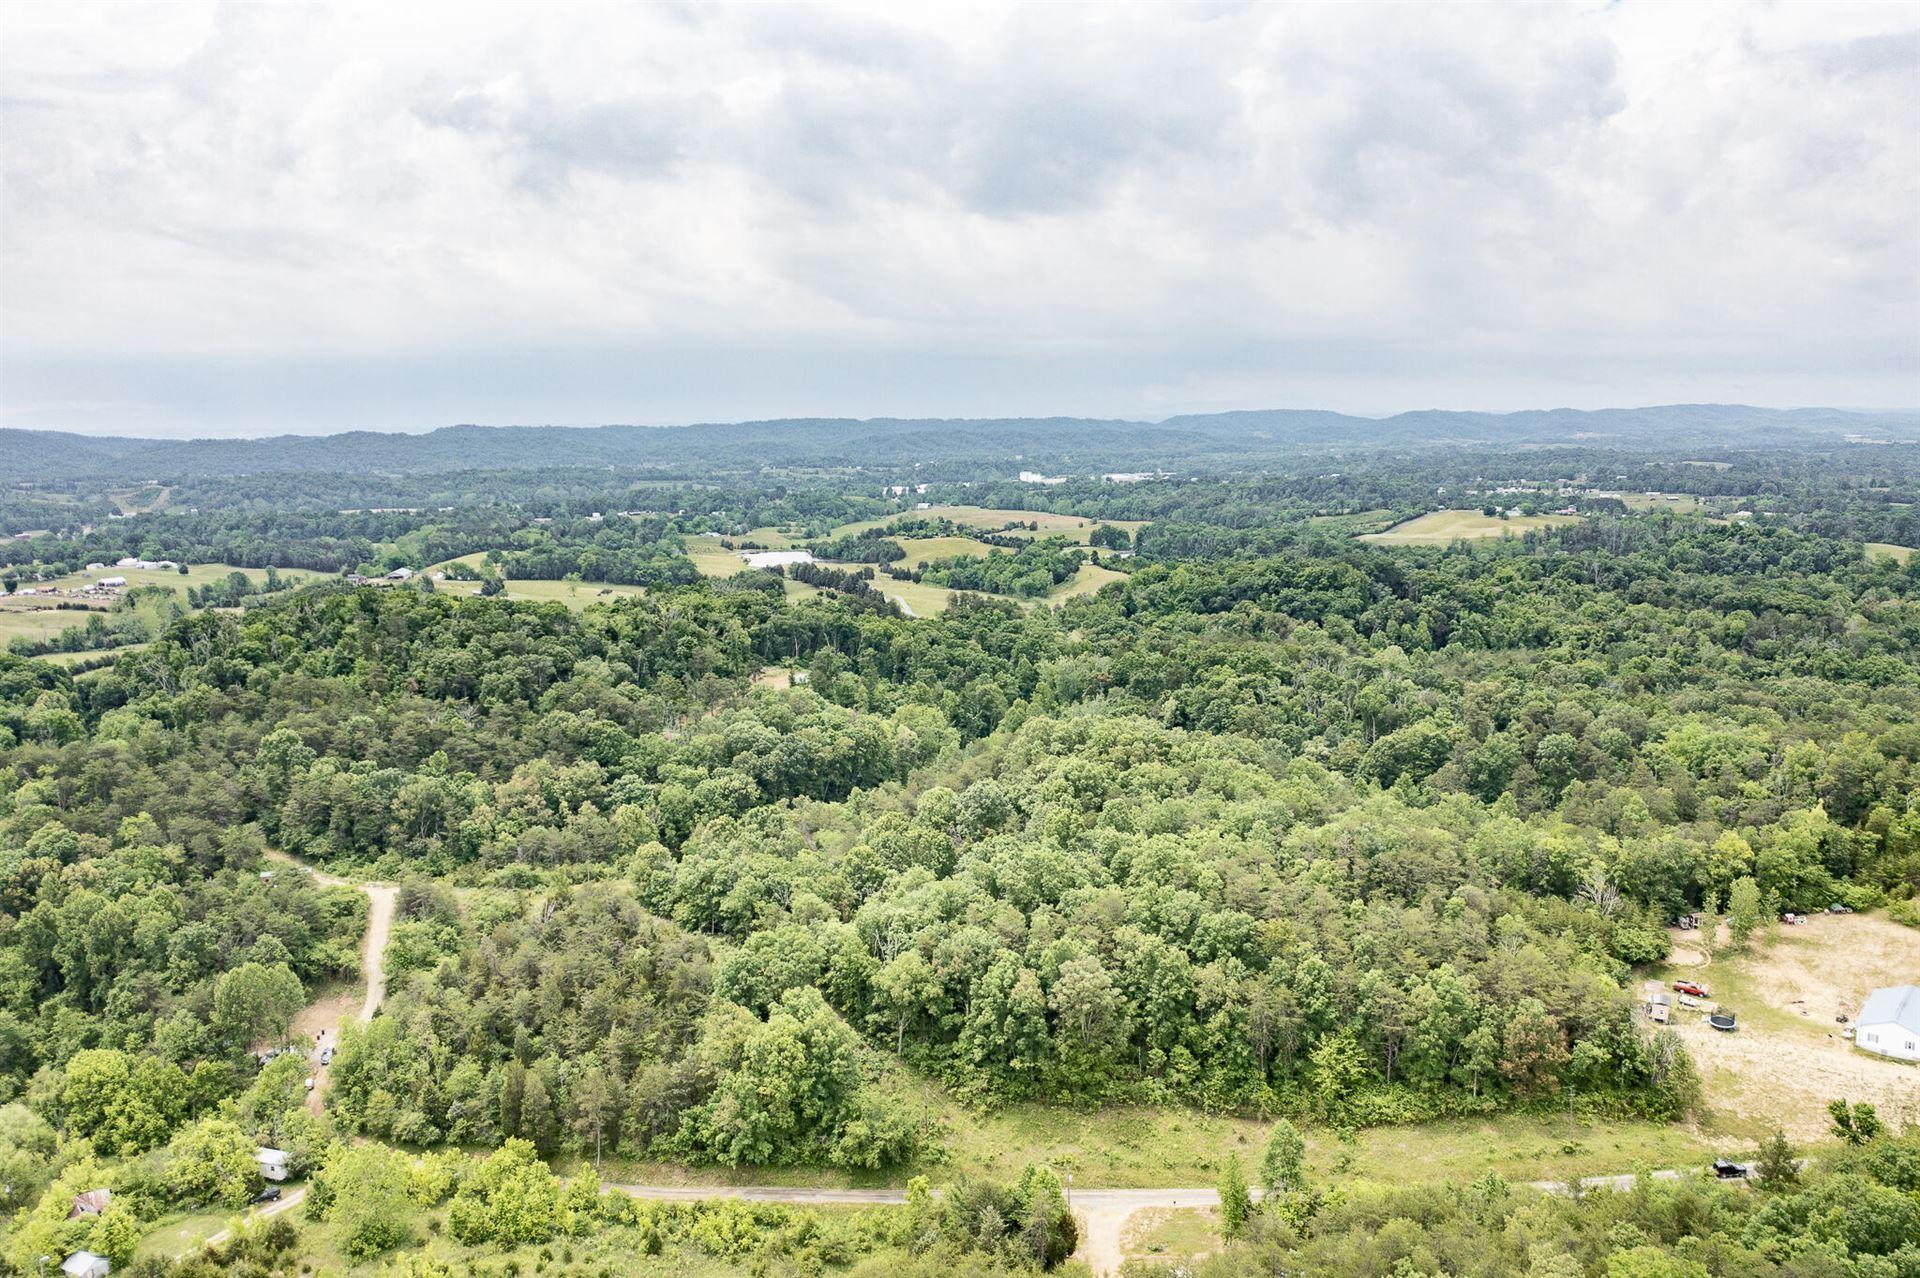 Photo of Tbd Green Road, Bulls Gap, TN 37711 (MLS # 9925740)